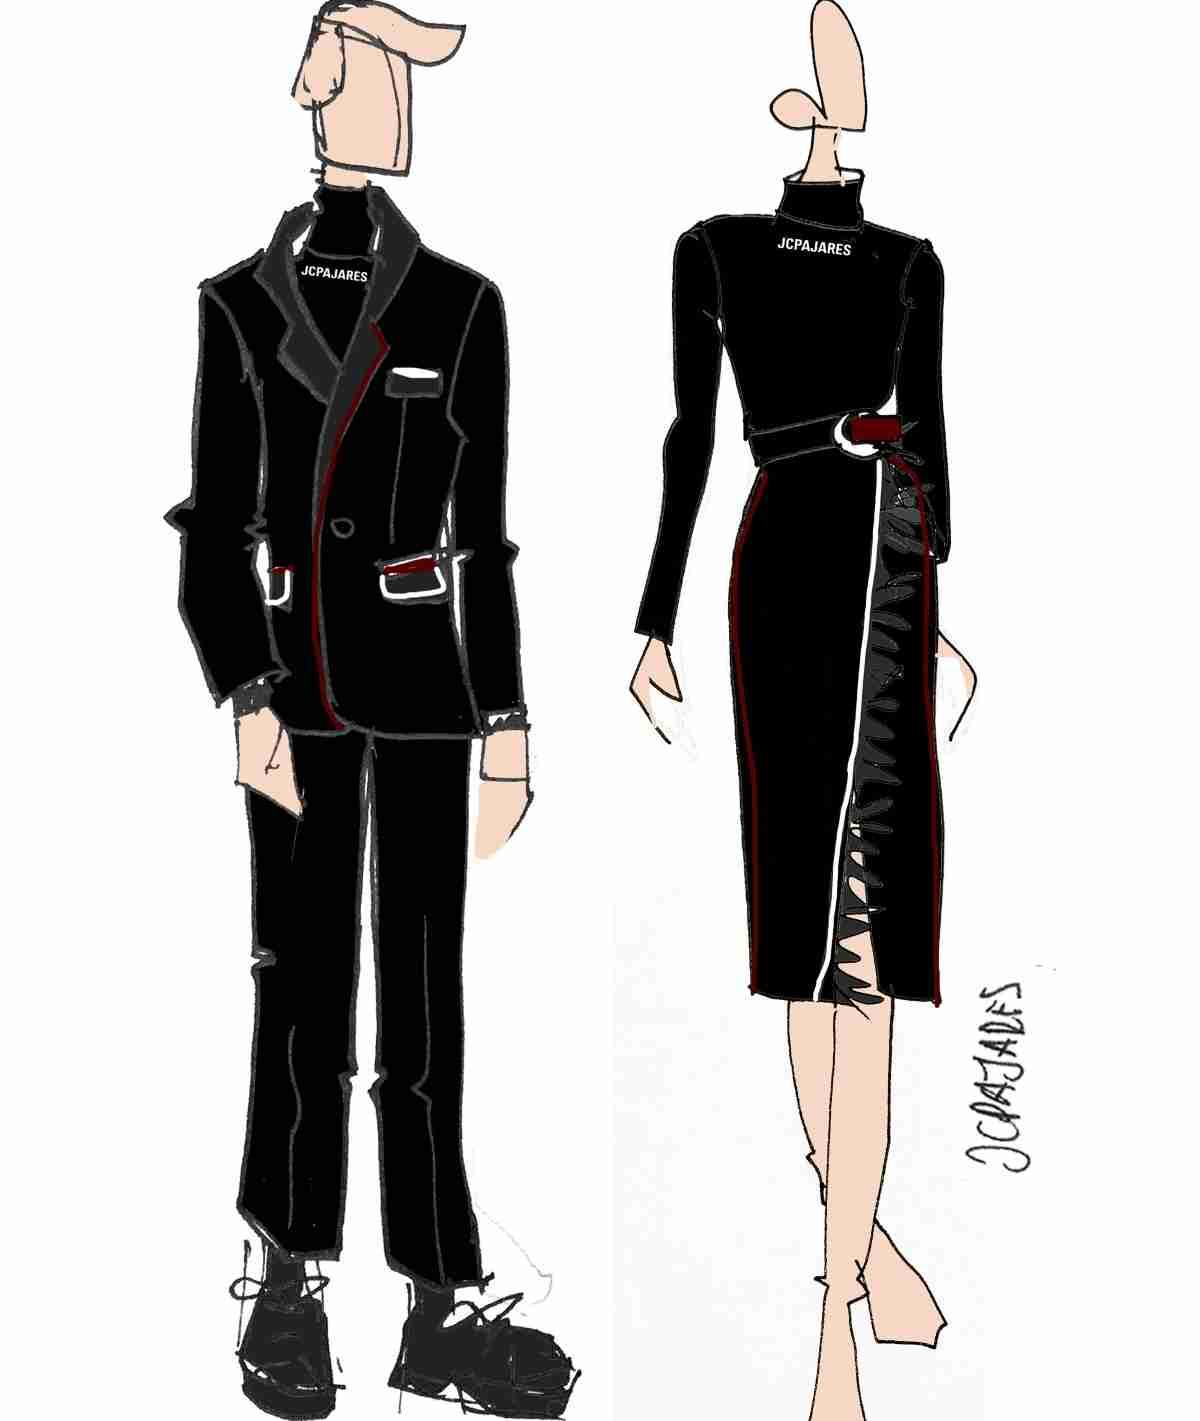 uniformes de clm para fitur 2020 diseñados por juan carlos pajares